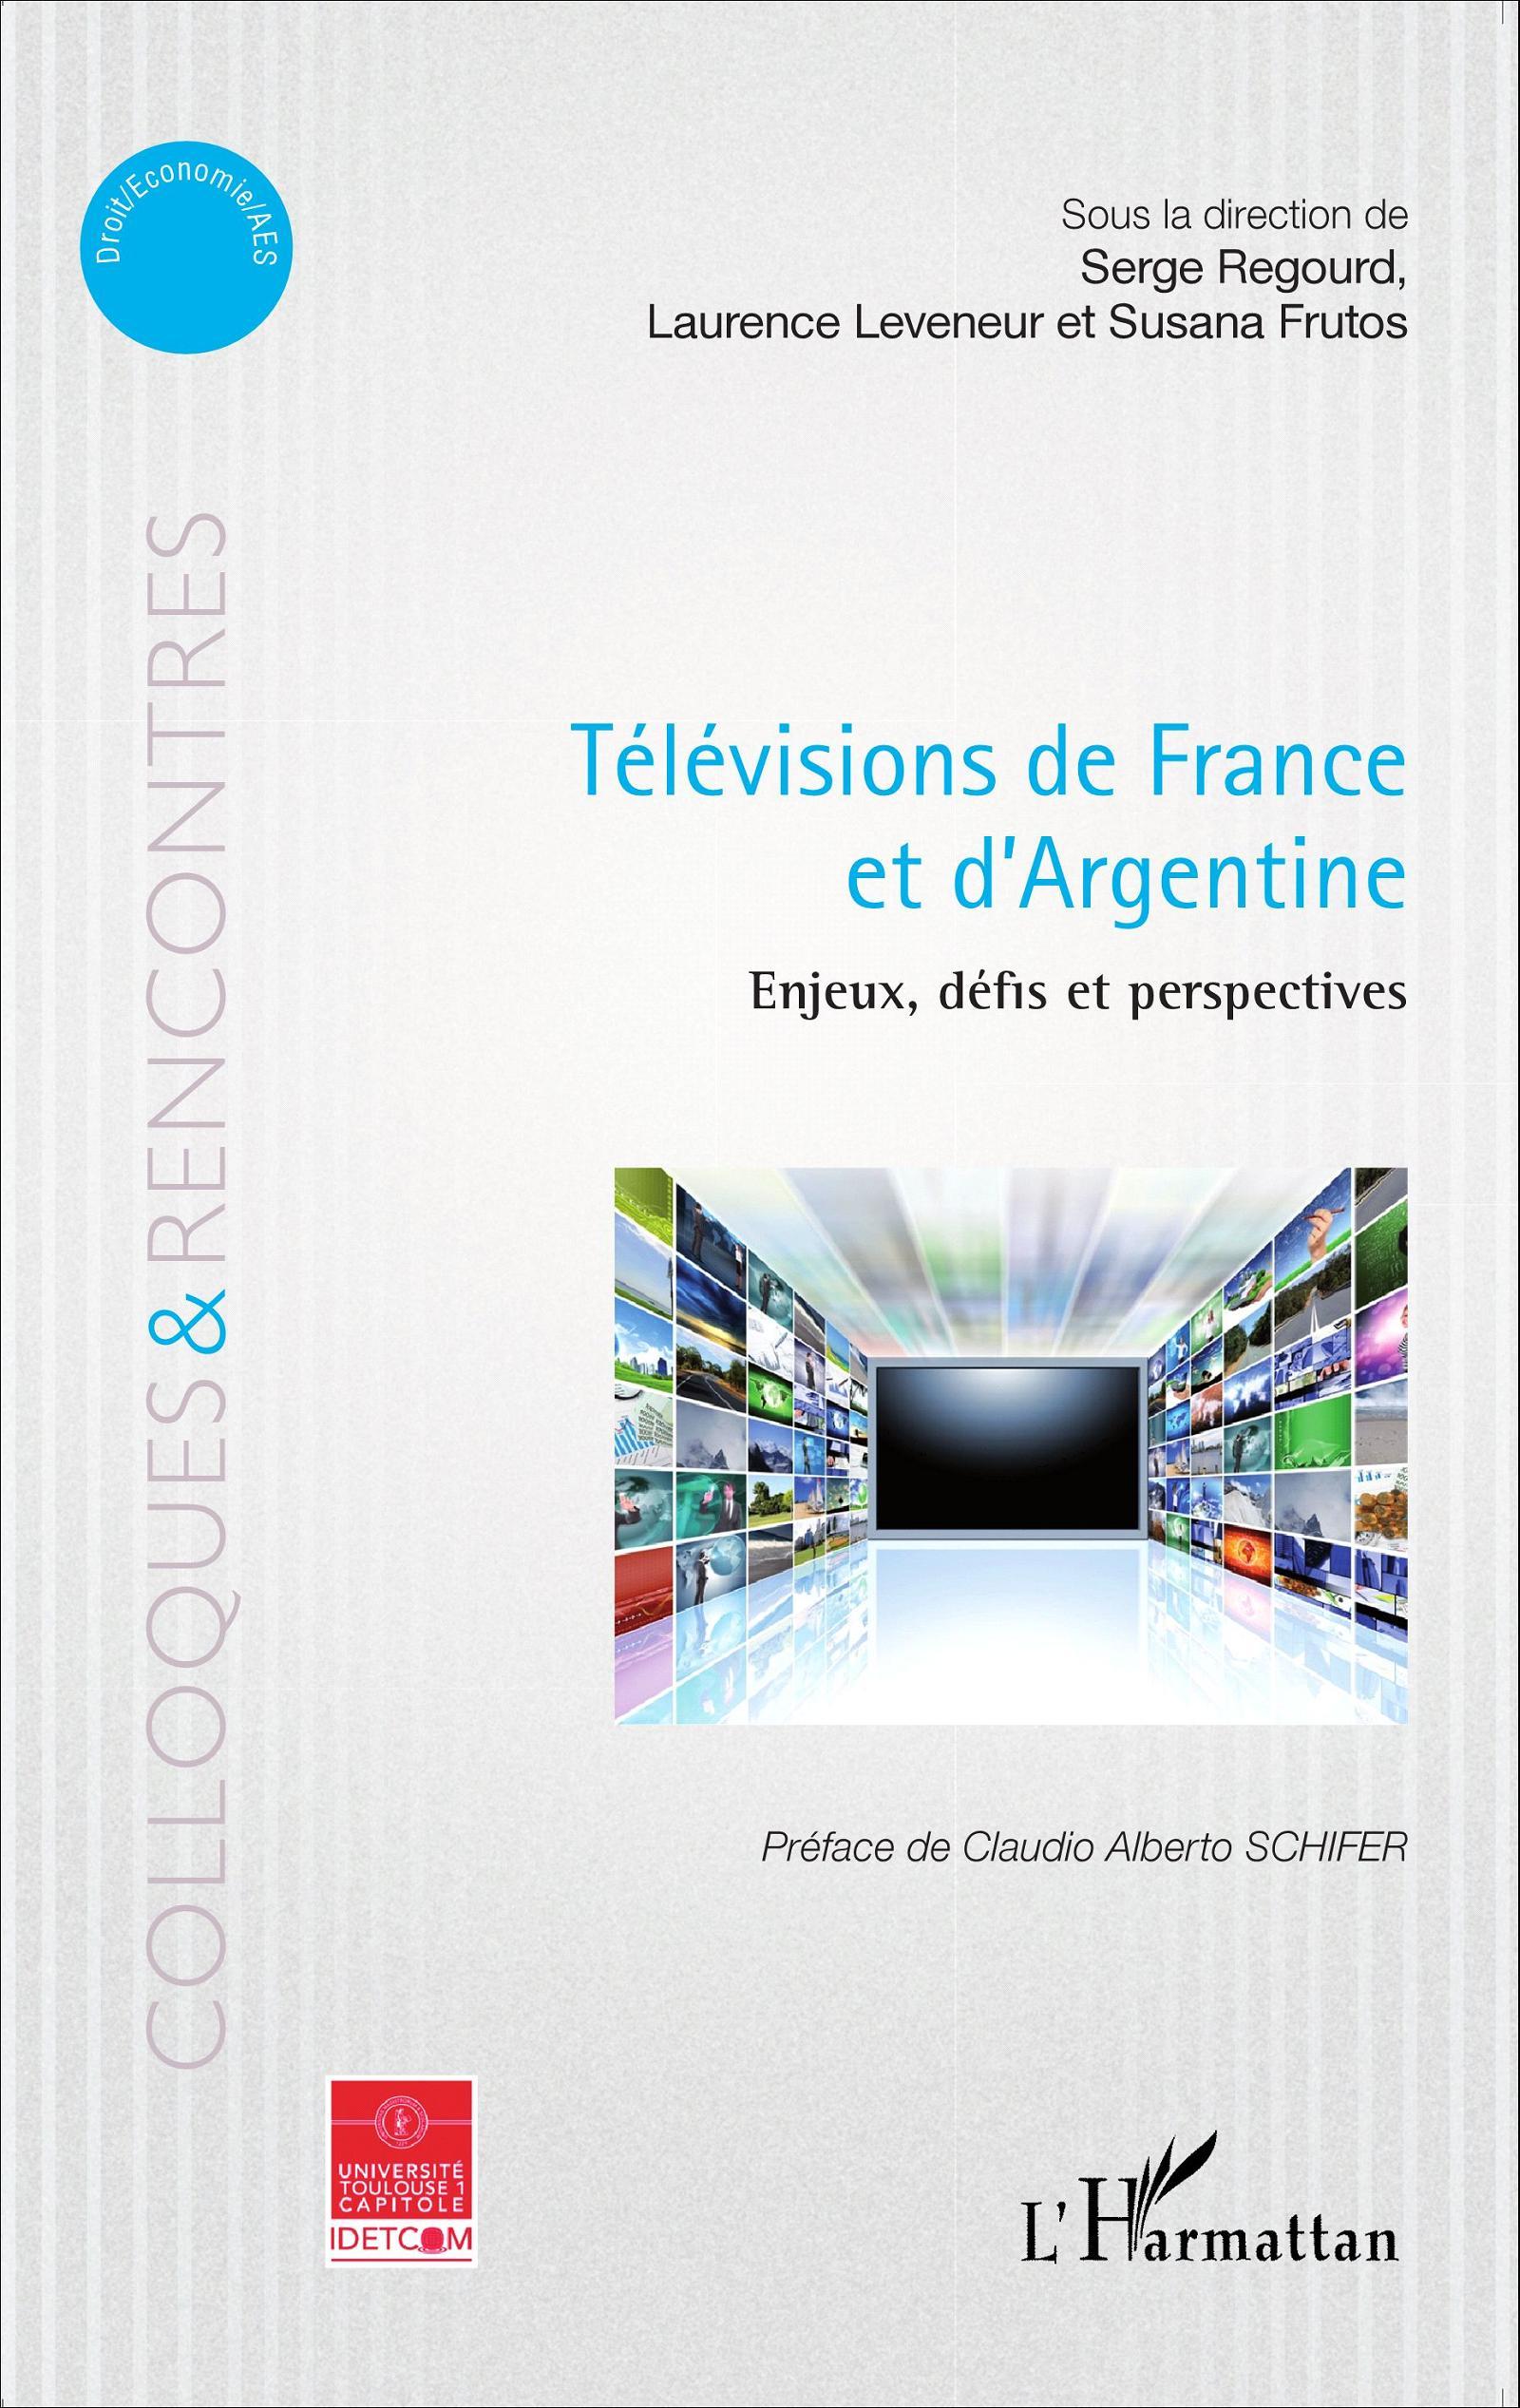 Dans des contextes historiques différents l'Argentine et la France ont opéré à travers des lois une régulation de la télévision publique; la législation argentine s'est d'ailleurs inspirée de la législation française. Cette étude comparative menée par des